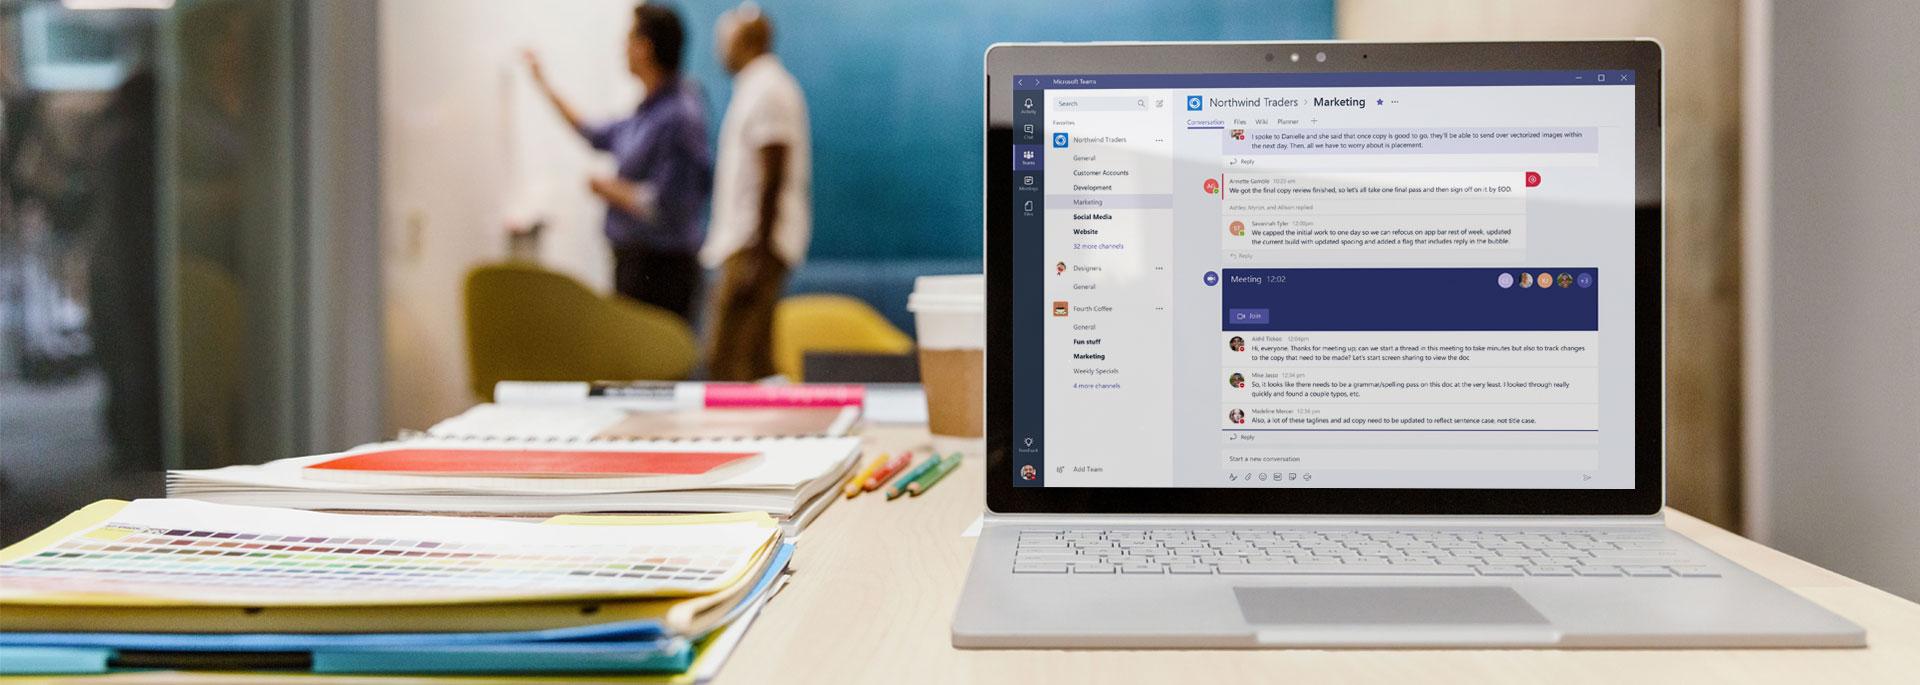 Таблет, показващ разговорите в чат в Microsoft Teams